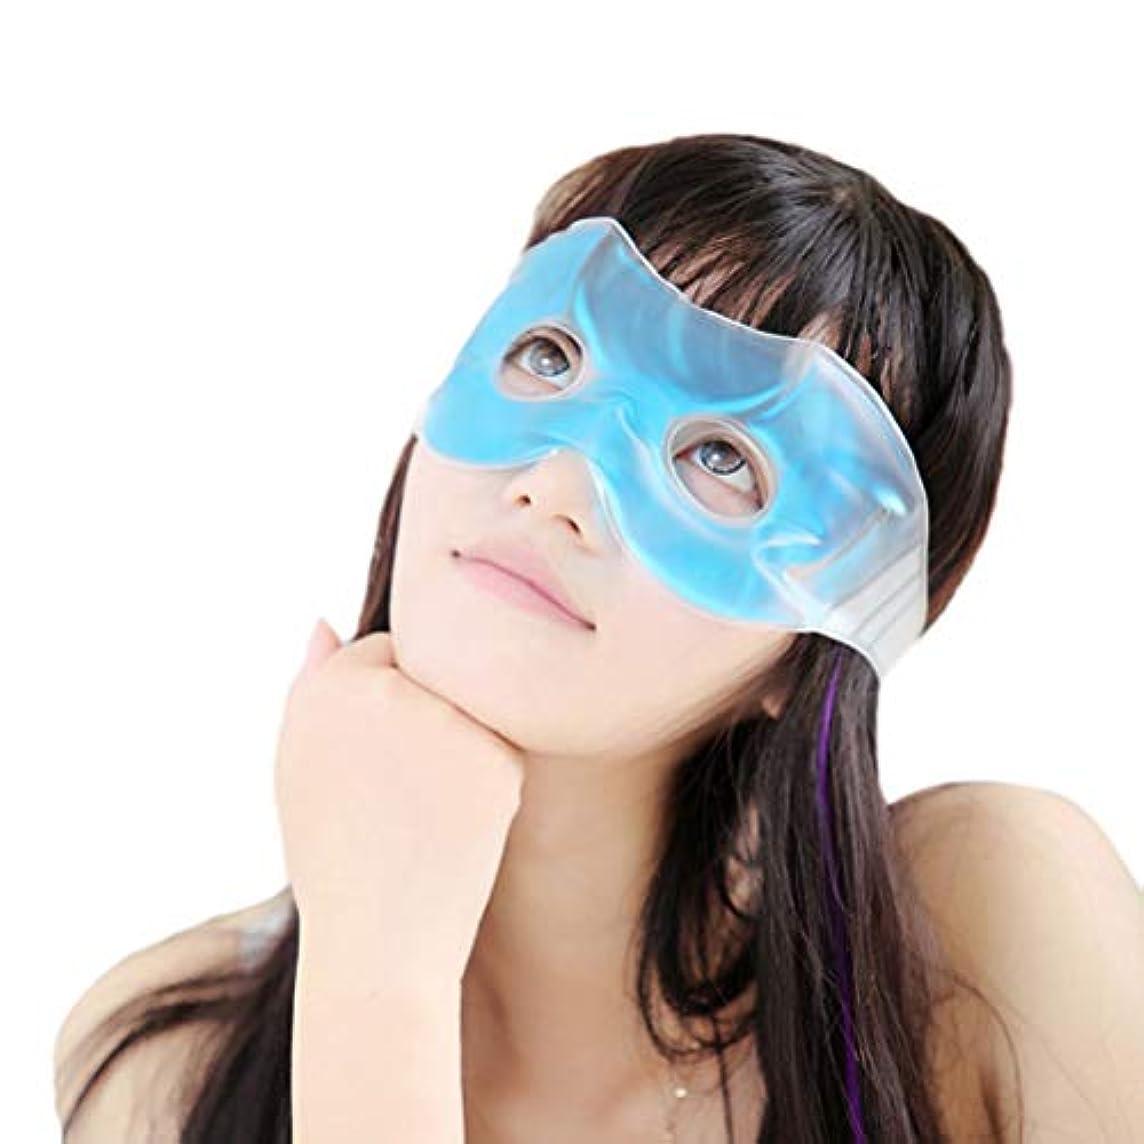 コーナーモロニック不正確Healifty アイマスク ゲル アイスパッド アイスアイマスク 目隠し リラックス 冷却 パック 再使用可能 目の疲れ軽減 安眠 血行促進